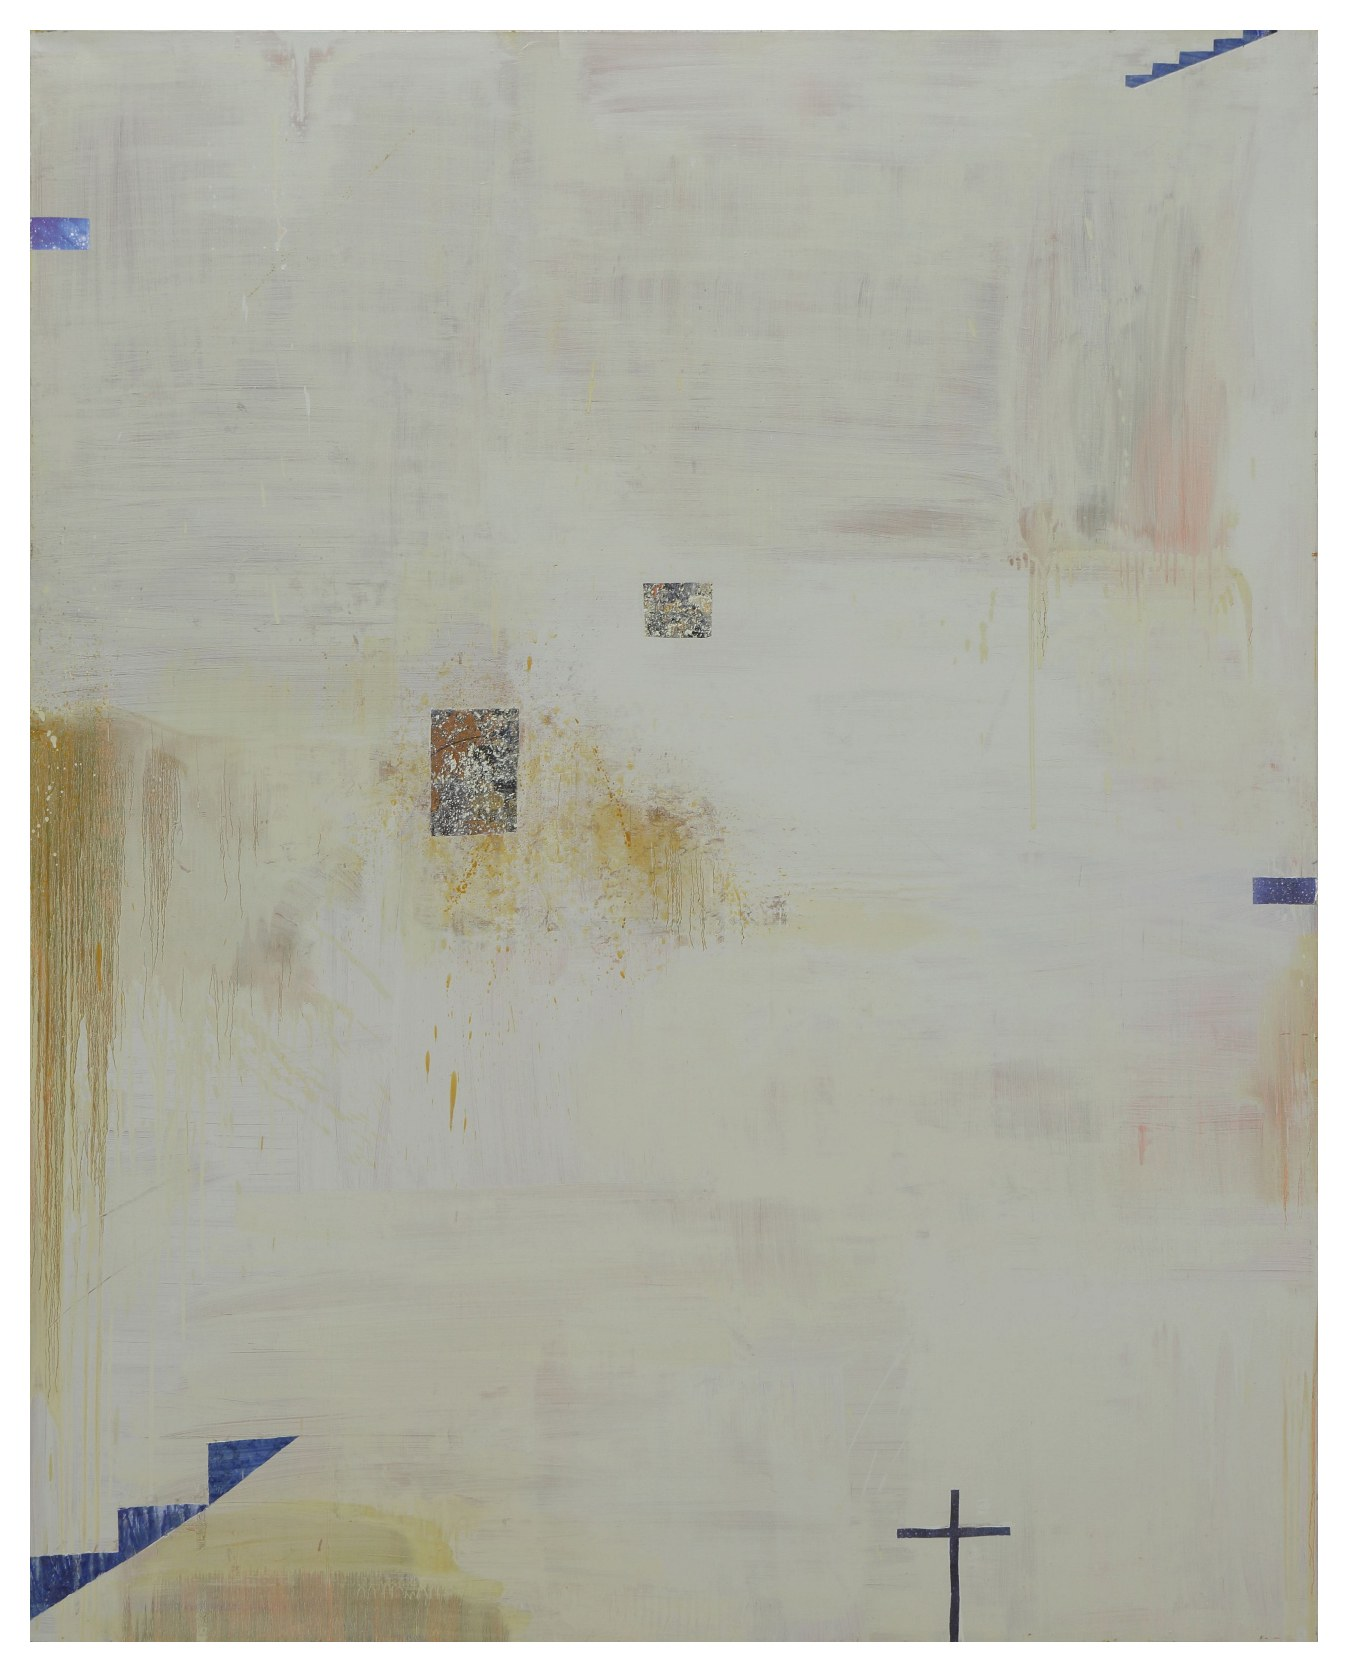 廊香教堂 Ronchamp 03-01 2003 油彩、畫布 230cm x 190cm